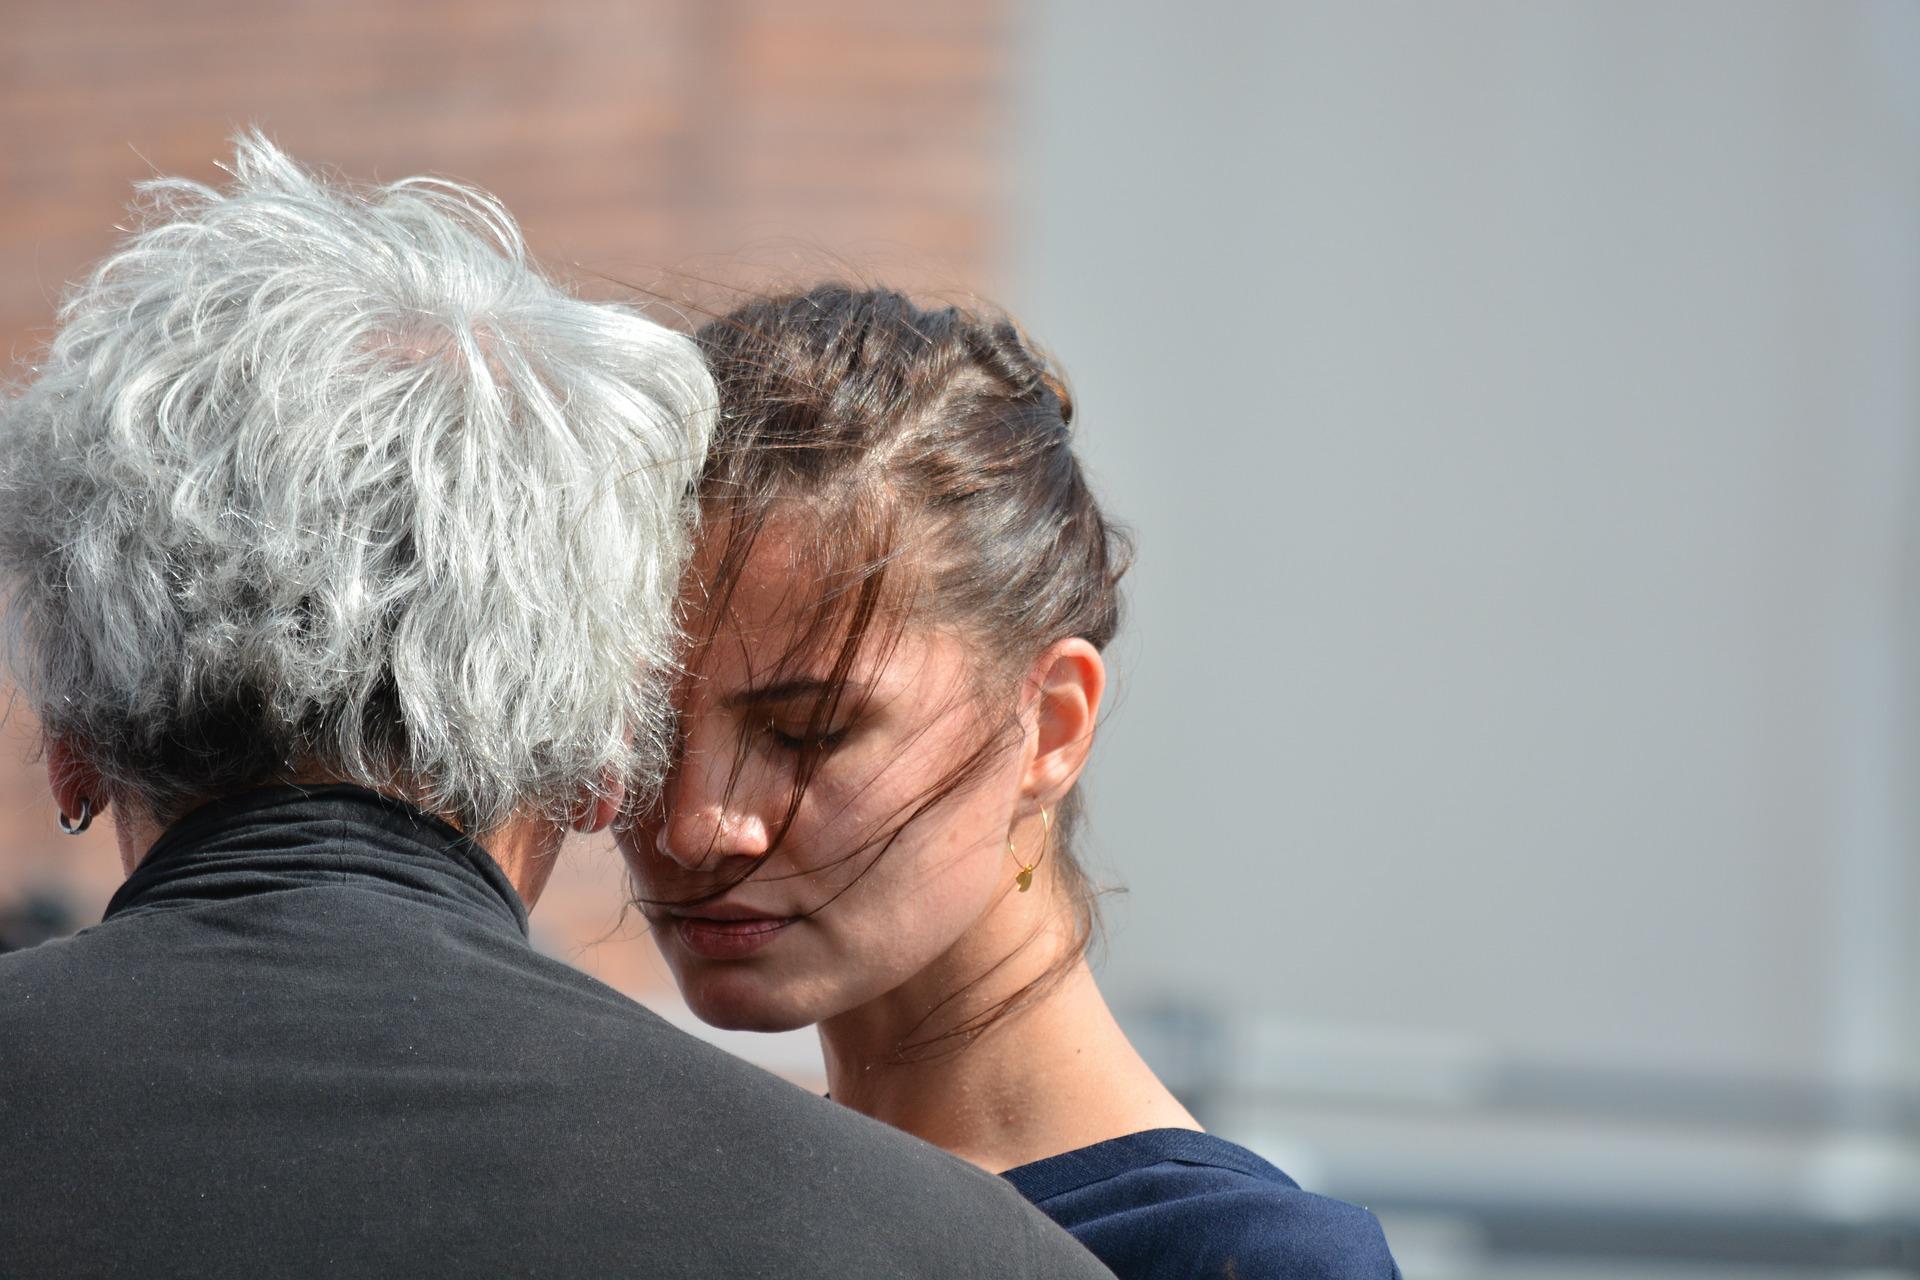 不倫がバレて離婚したカップルの行方と既婚女性の浮気がバレずに離婚する方法